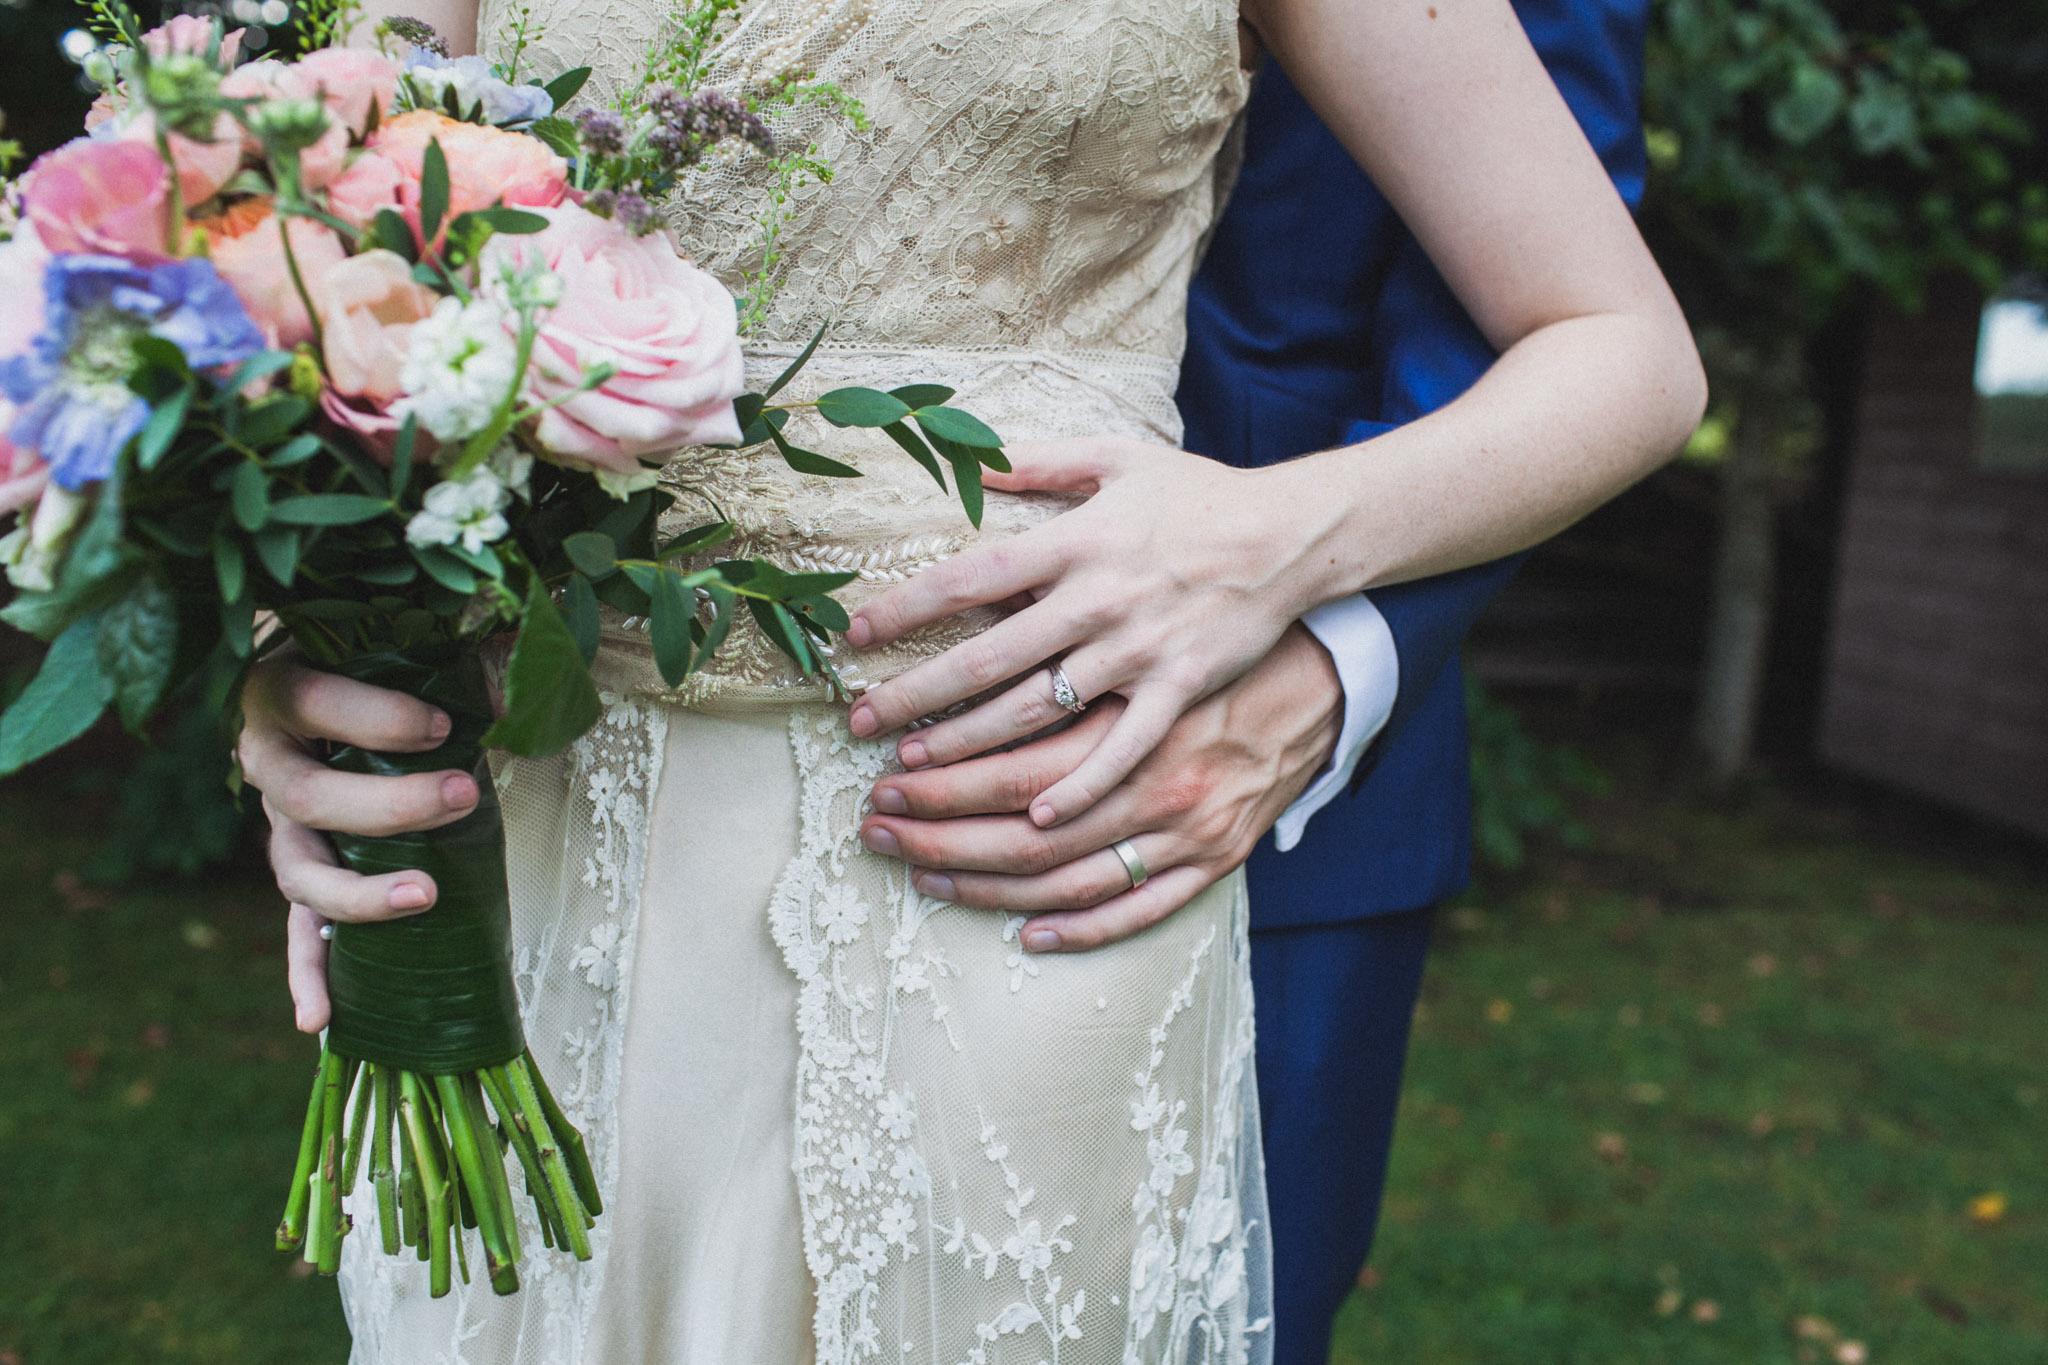 lewes_wedding_photographer_0068.jpg